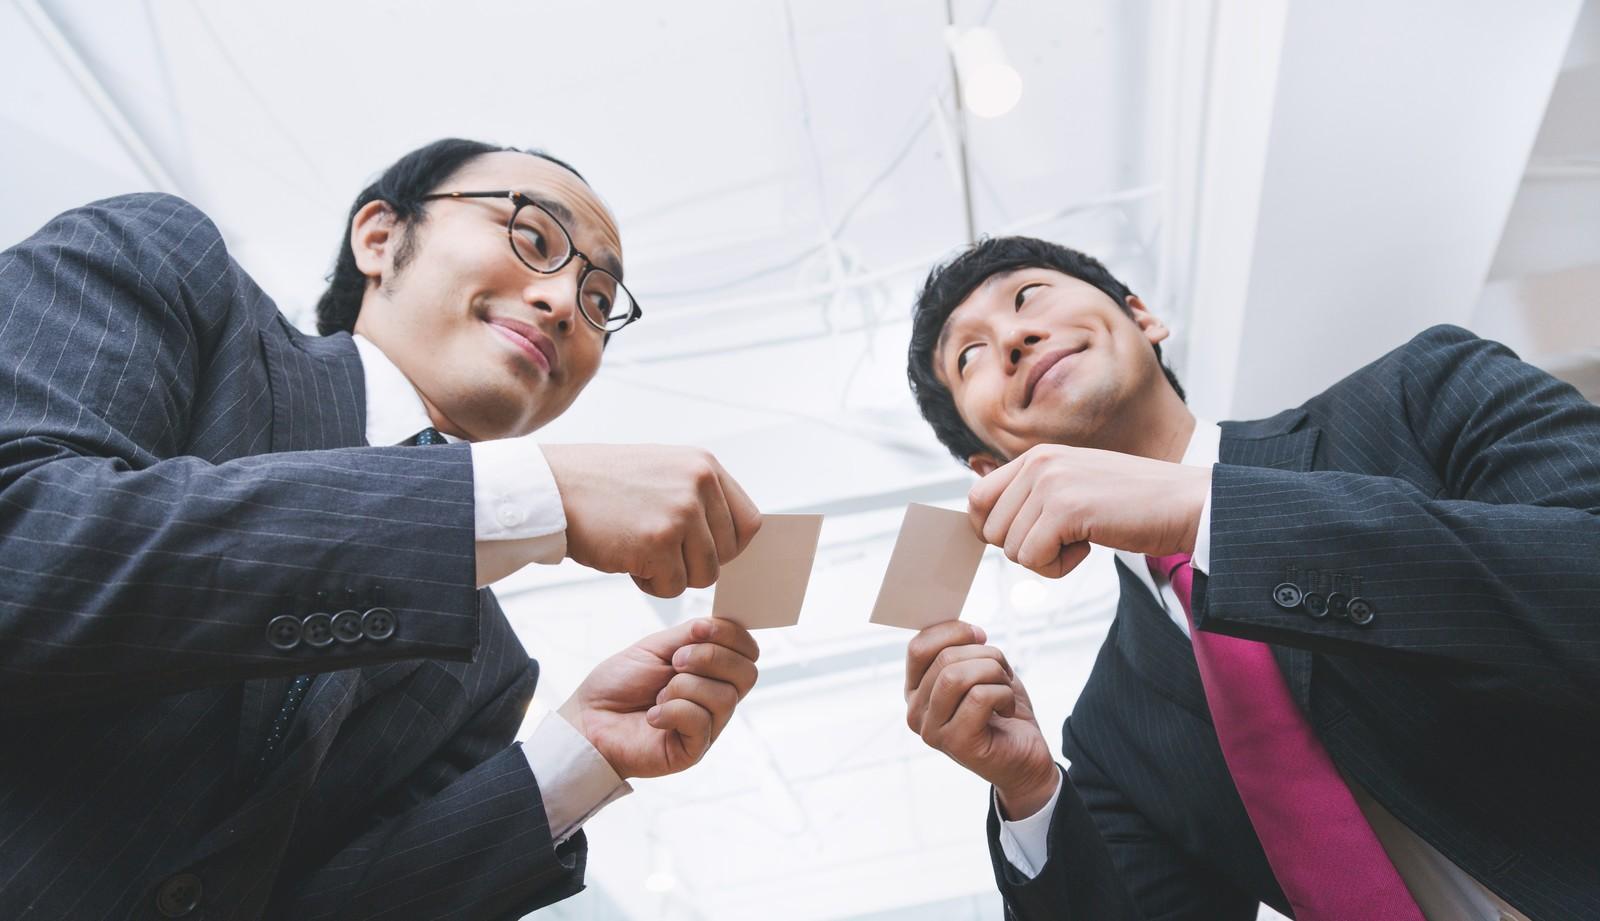 マーケティングオートメーションを成功させるために必要な、リード獲得を成功させるためには?